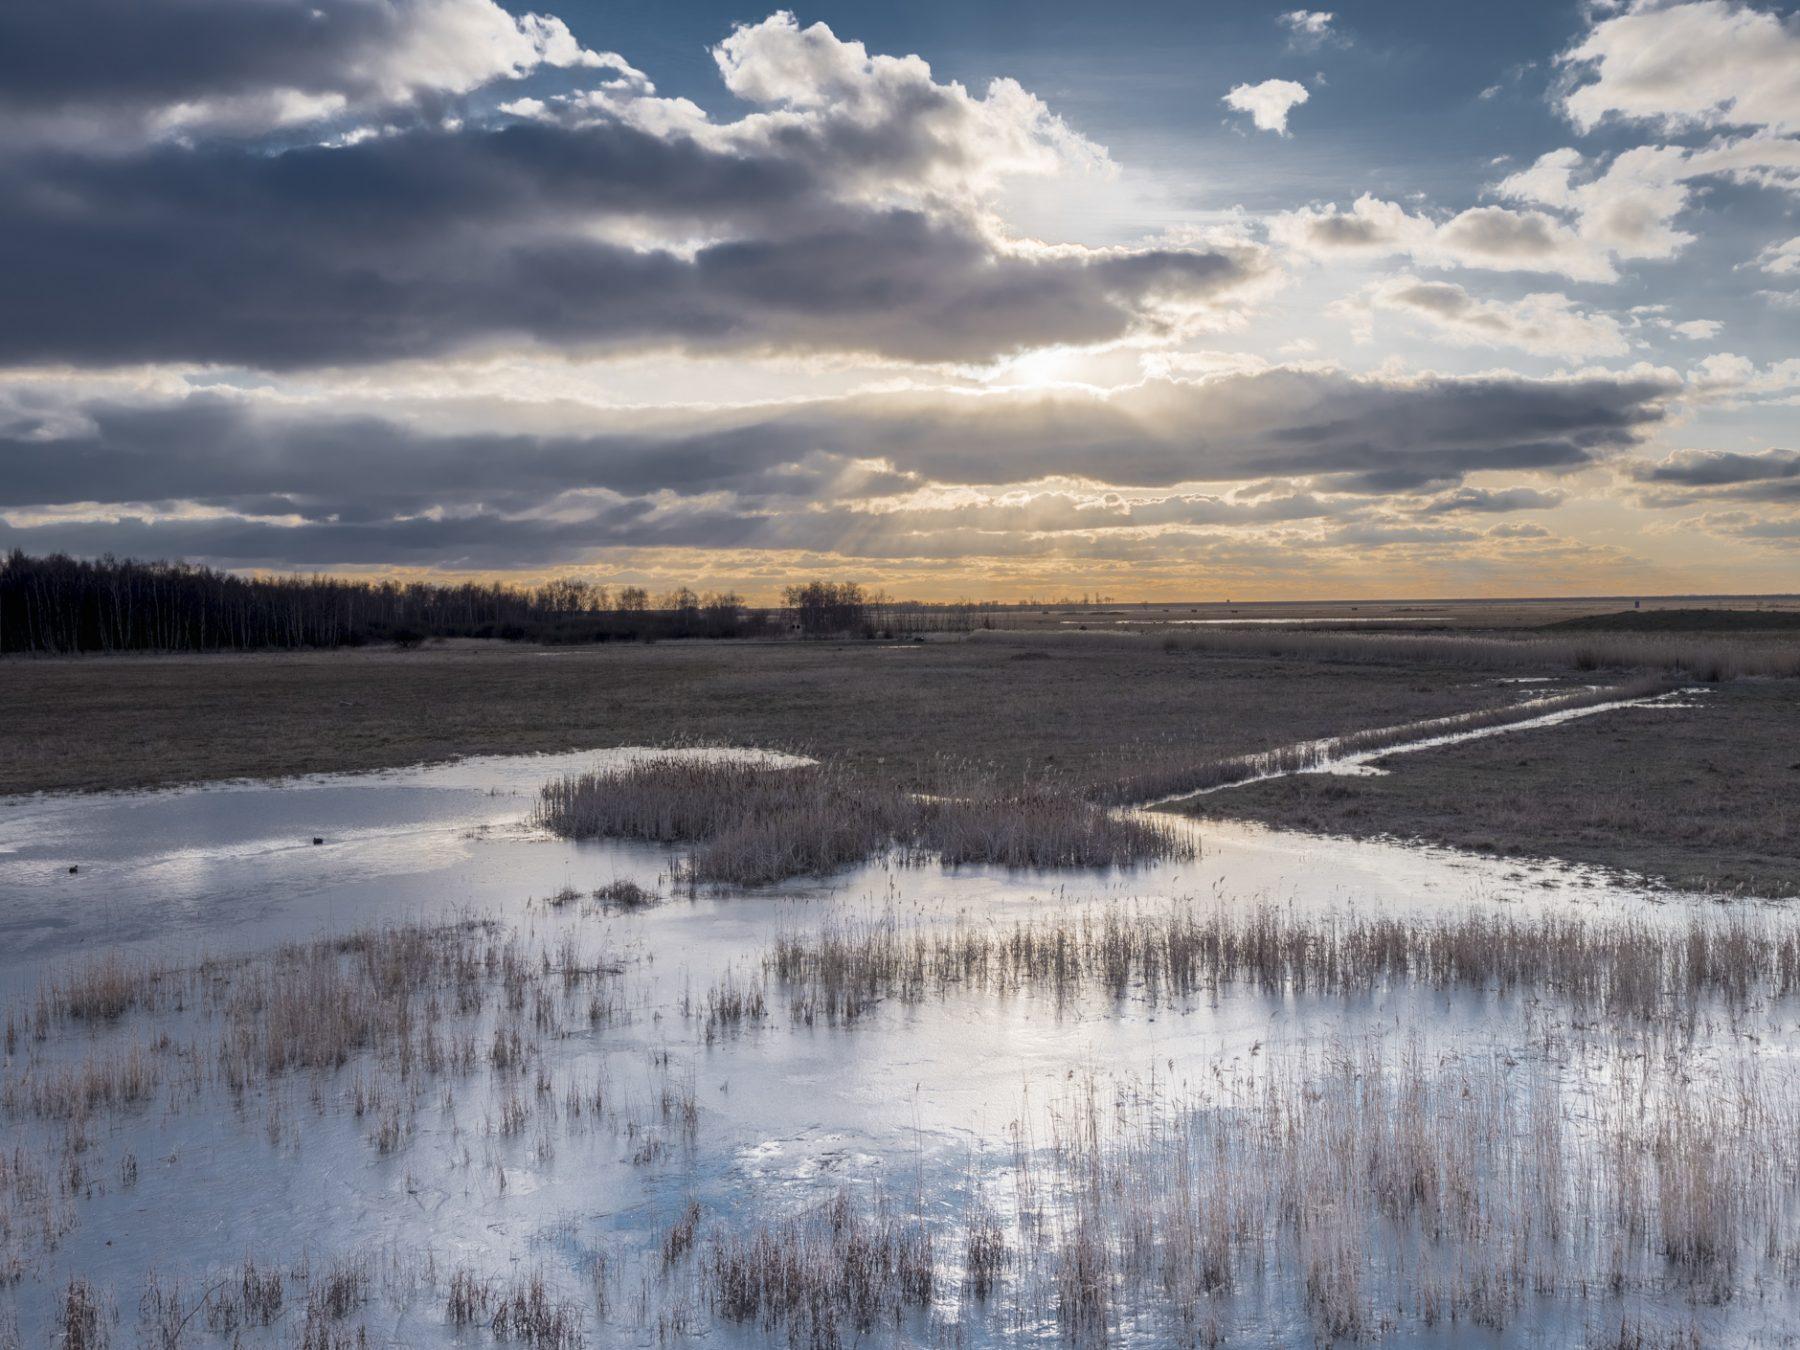 Landskabsfotografering: Kalvebod Fælled - en frossen sø og en flot himmel